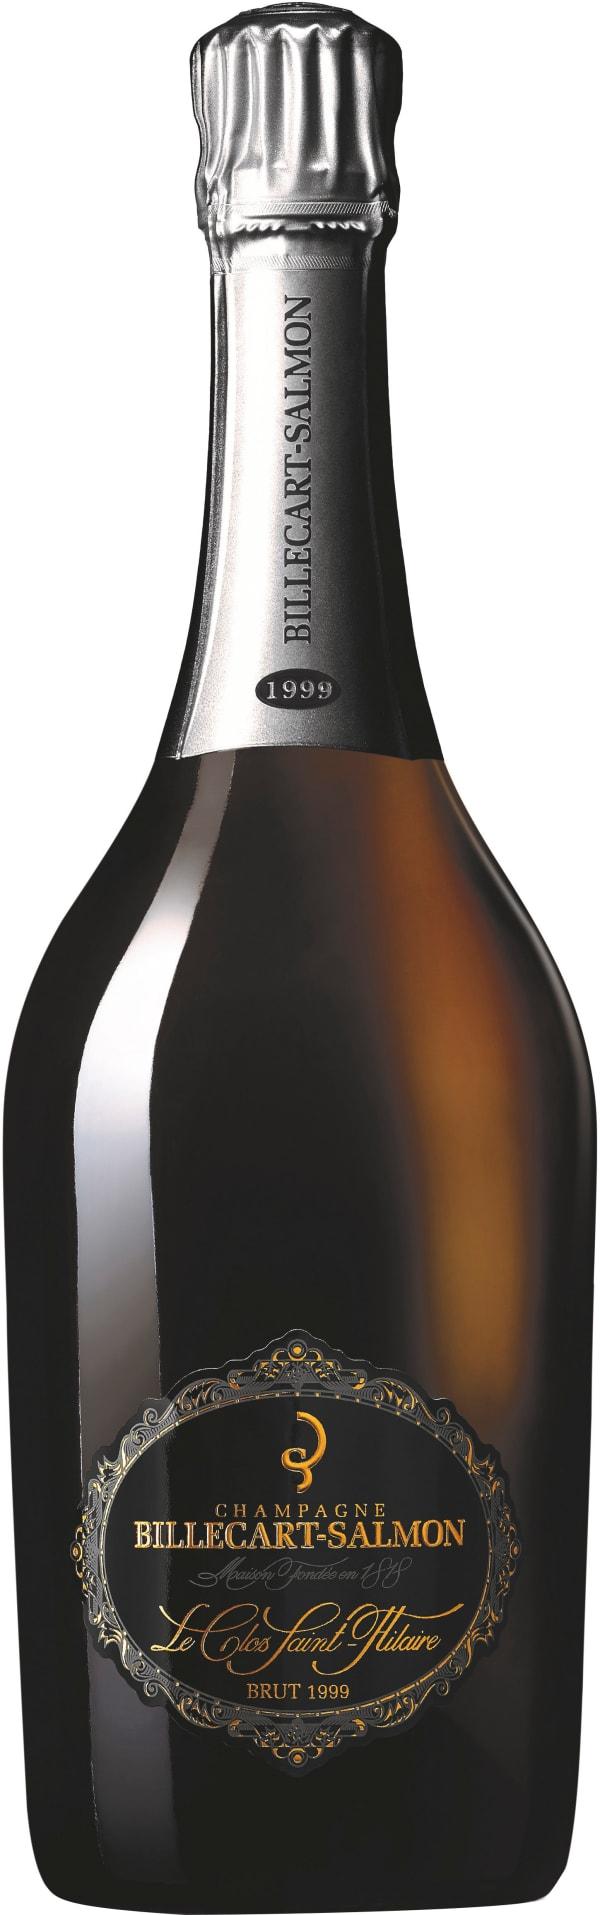 Billecart-Salmon Le Clos Saint-Hilaire Champagne Brut 1999